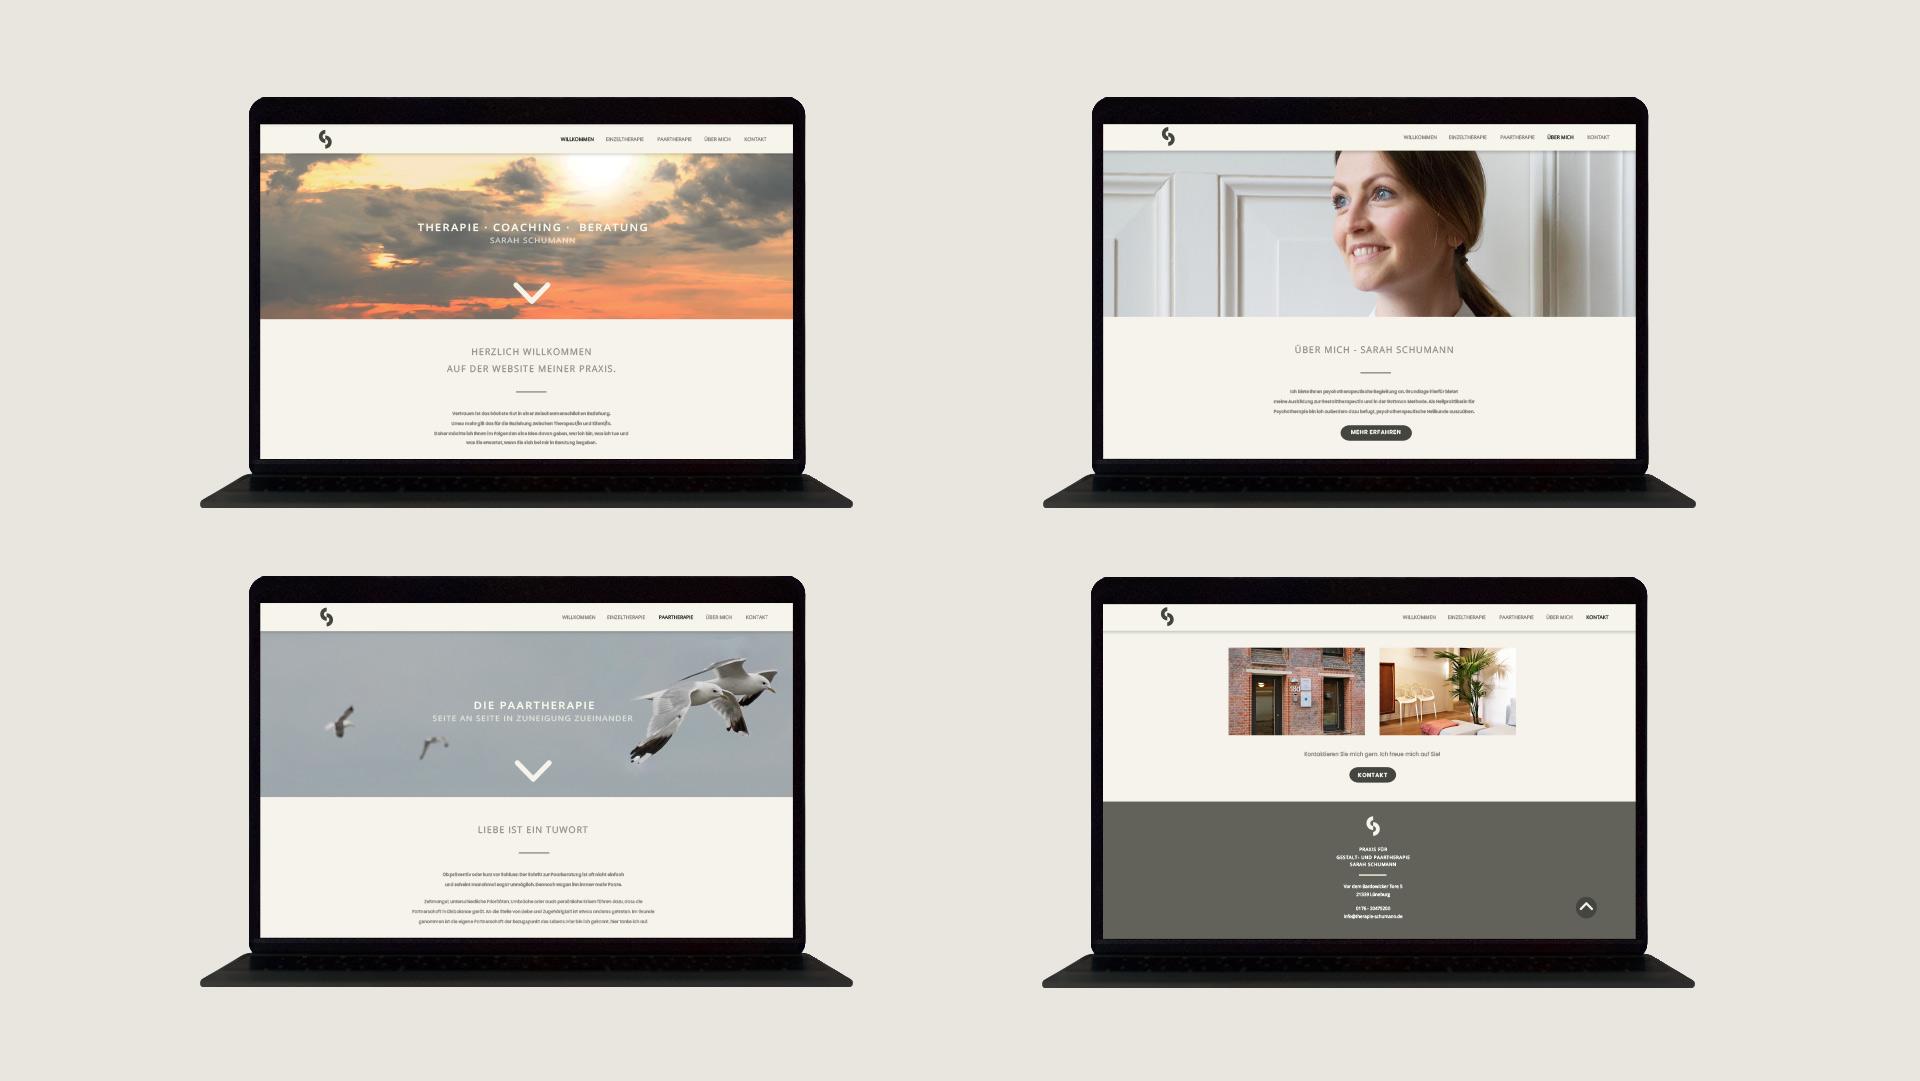 4 unterschiedliche Laptop-Ansichten der Website Therapie Sarah Schumann